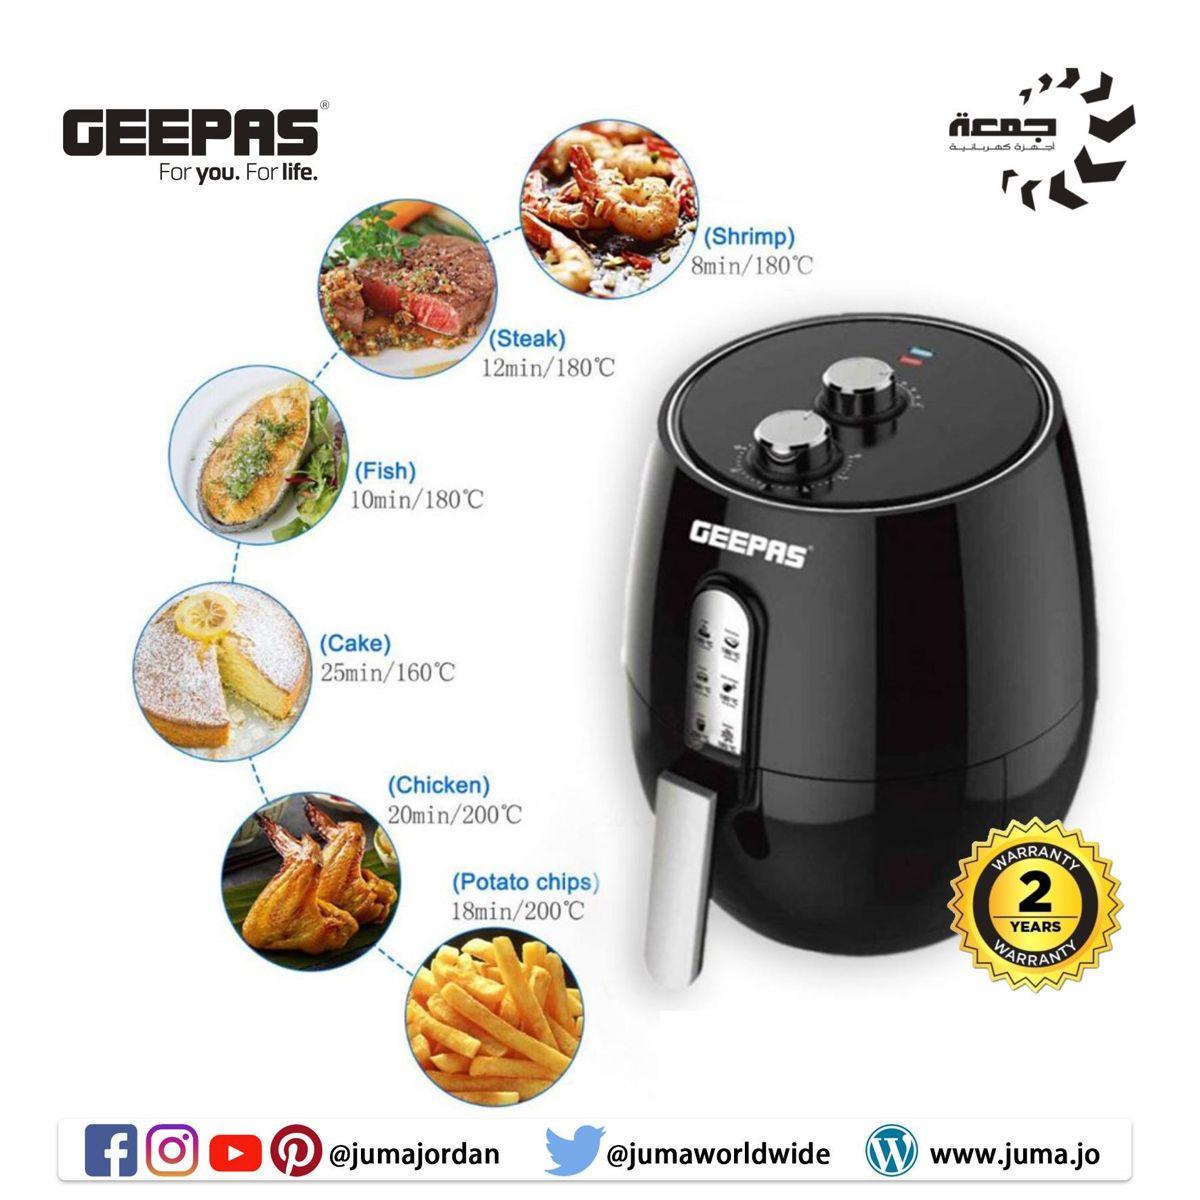 قلاية هوائية بدون زيت Geepas Air Fryer Gaf37517 التحكم في درجة الحرارة 80 200 مؤقت يصل إلى 30 دقيقة سلة طعام ٤ ٢ لتر Food Healthy Recipes Drip Coffee Maker